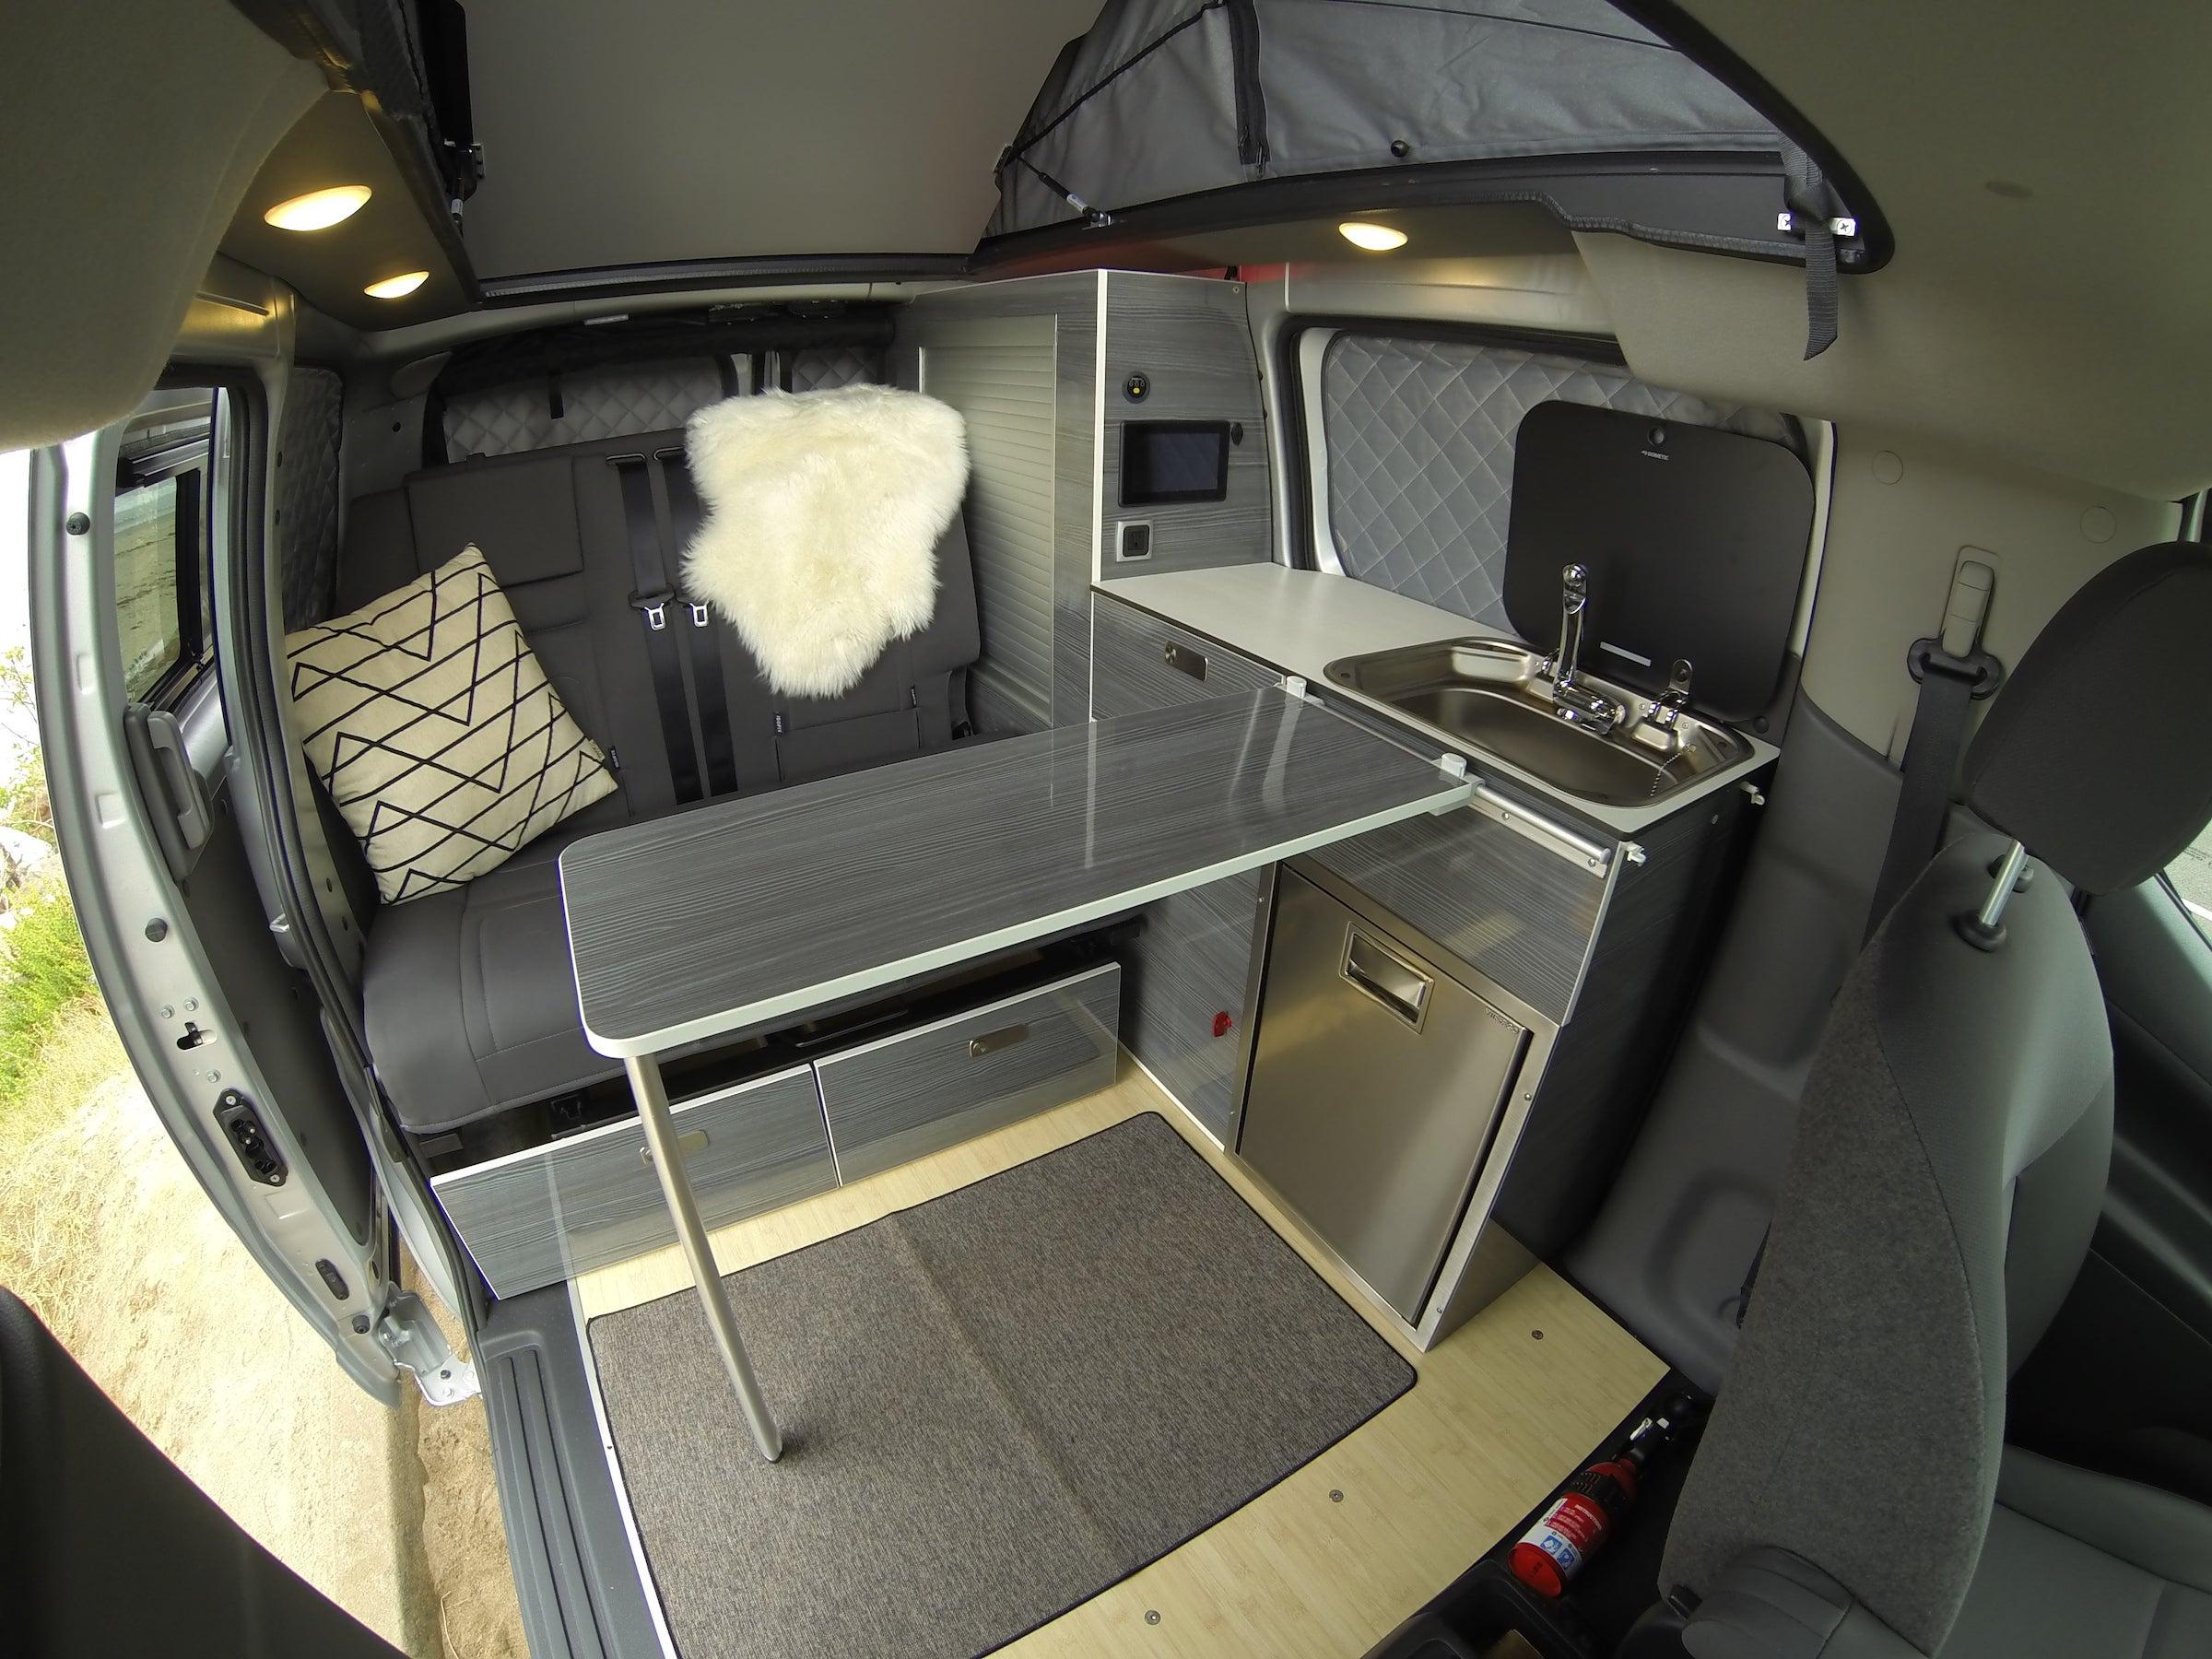 The van's interior